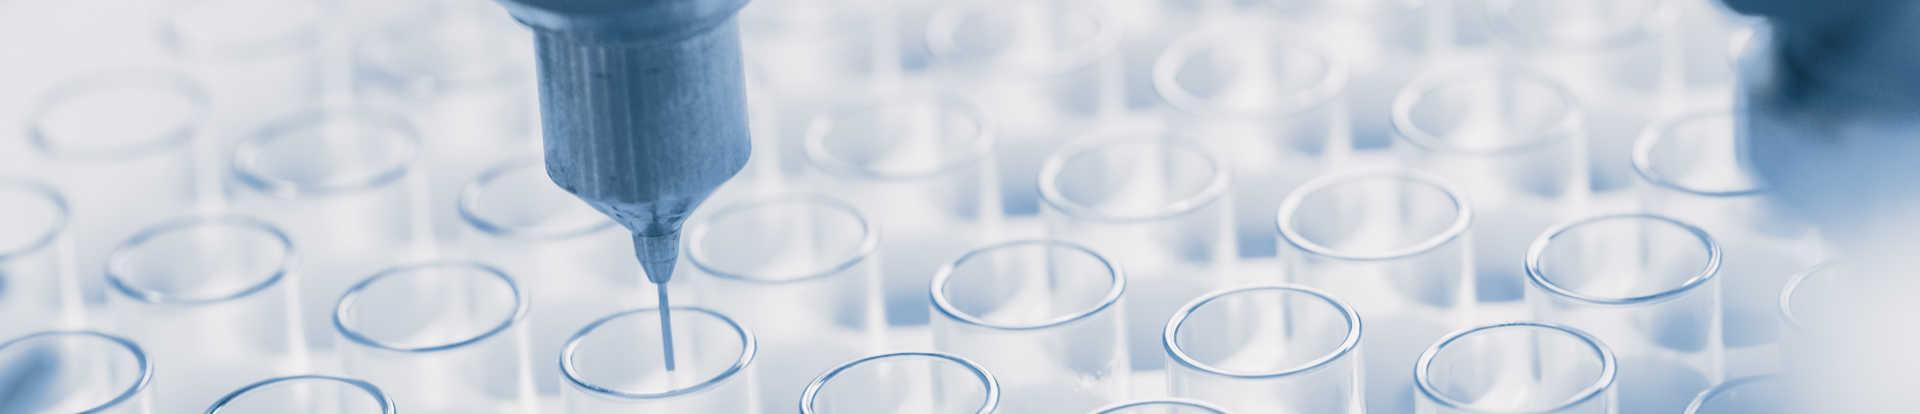 Press Release-San Antonio's leading research institutions collaborate on new precision therapeutics initiative